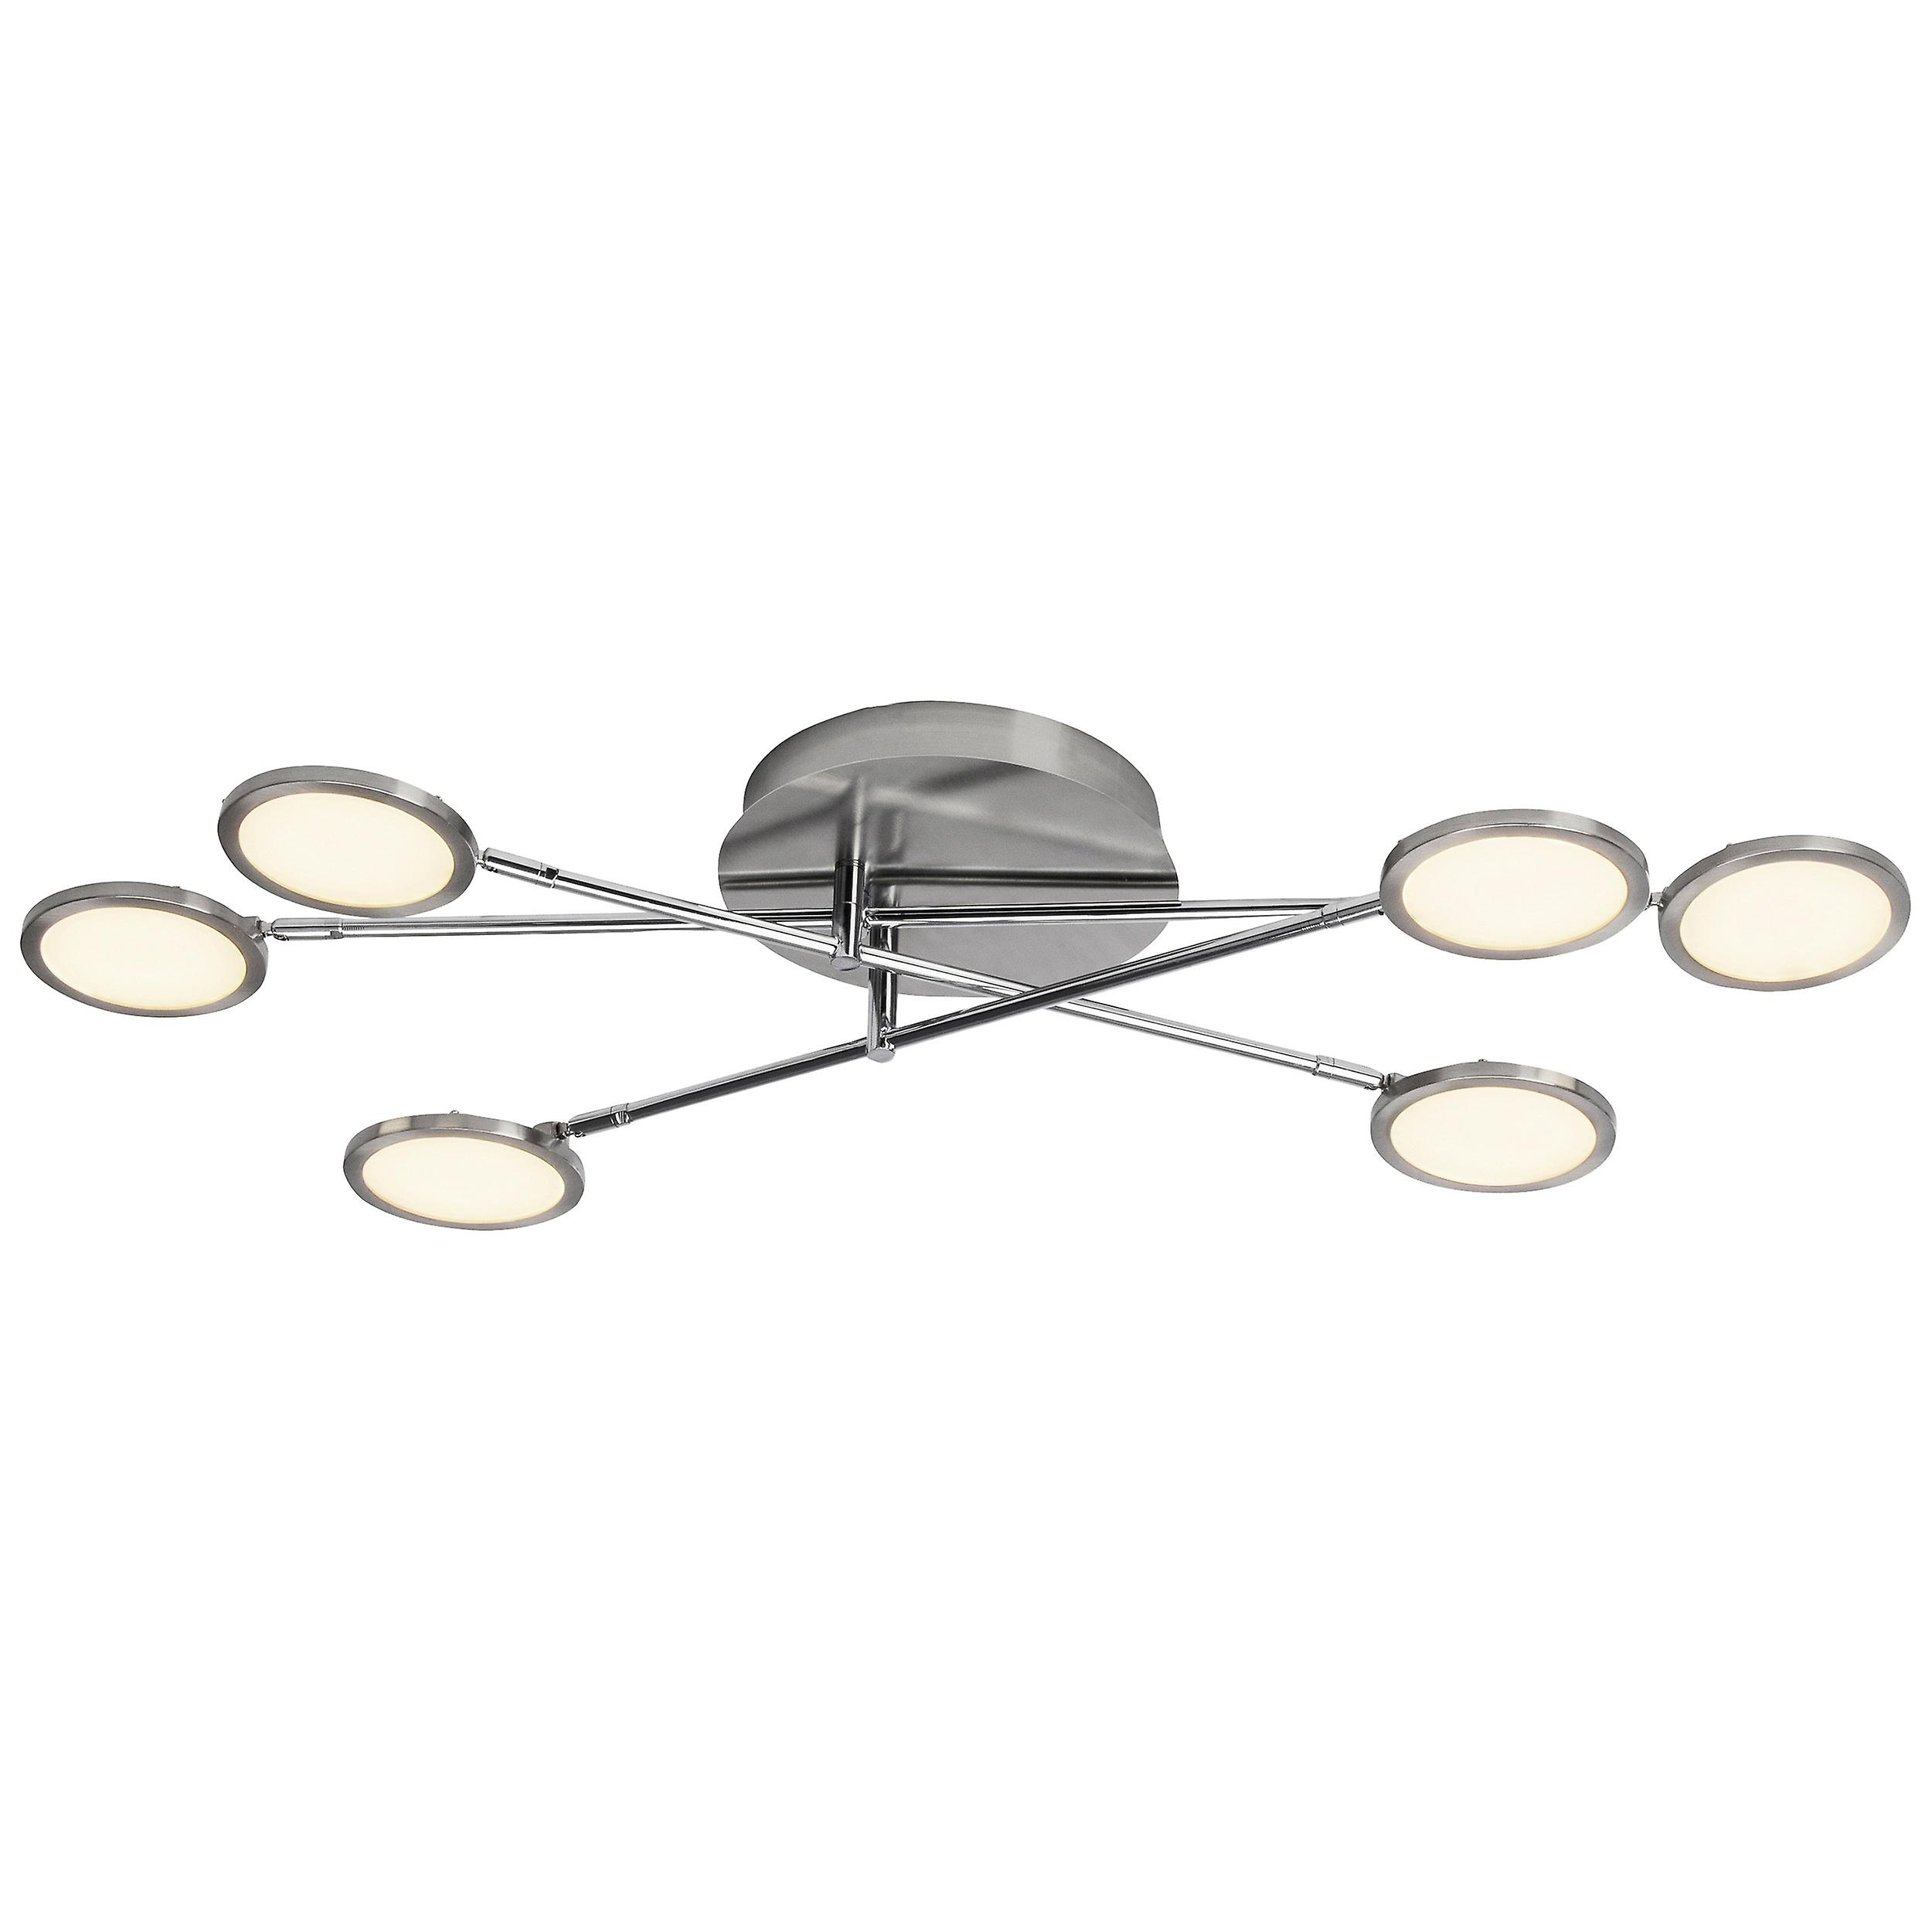 Brilliant Lampe Harlie LED Wand- und Deckenleuchte 6flg nickel matt